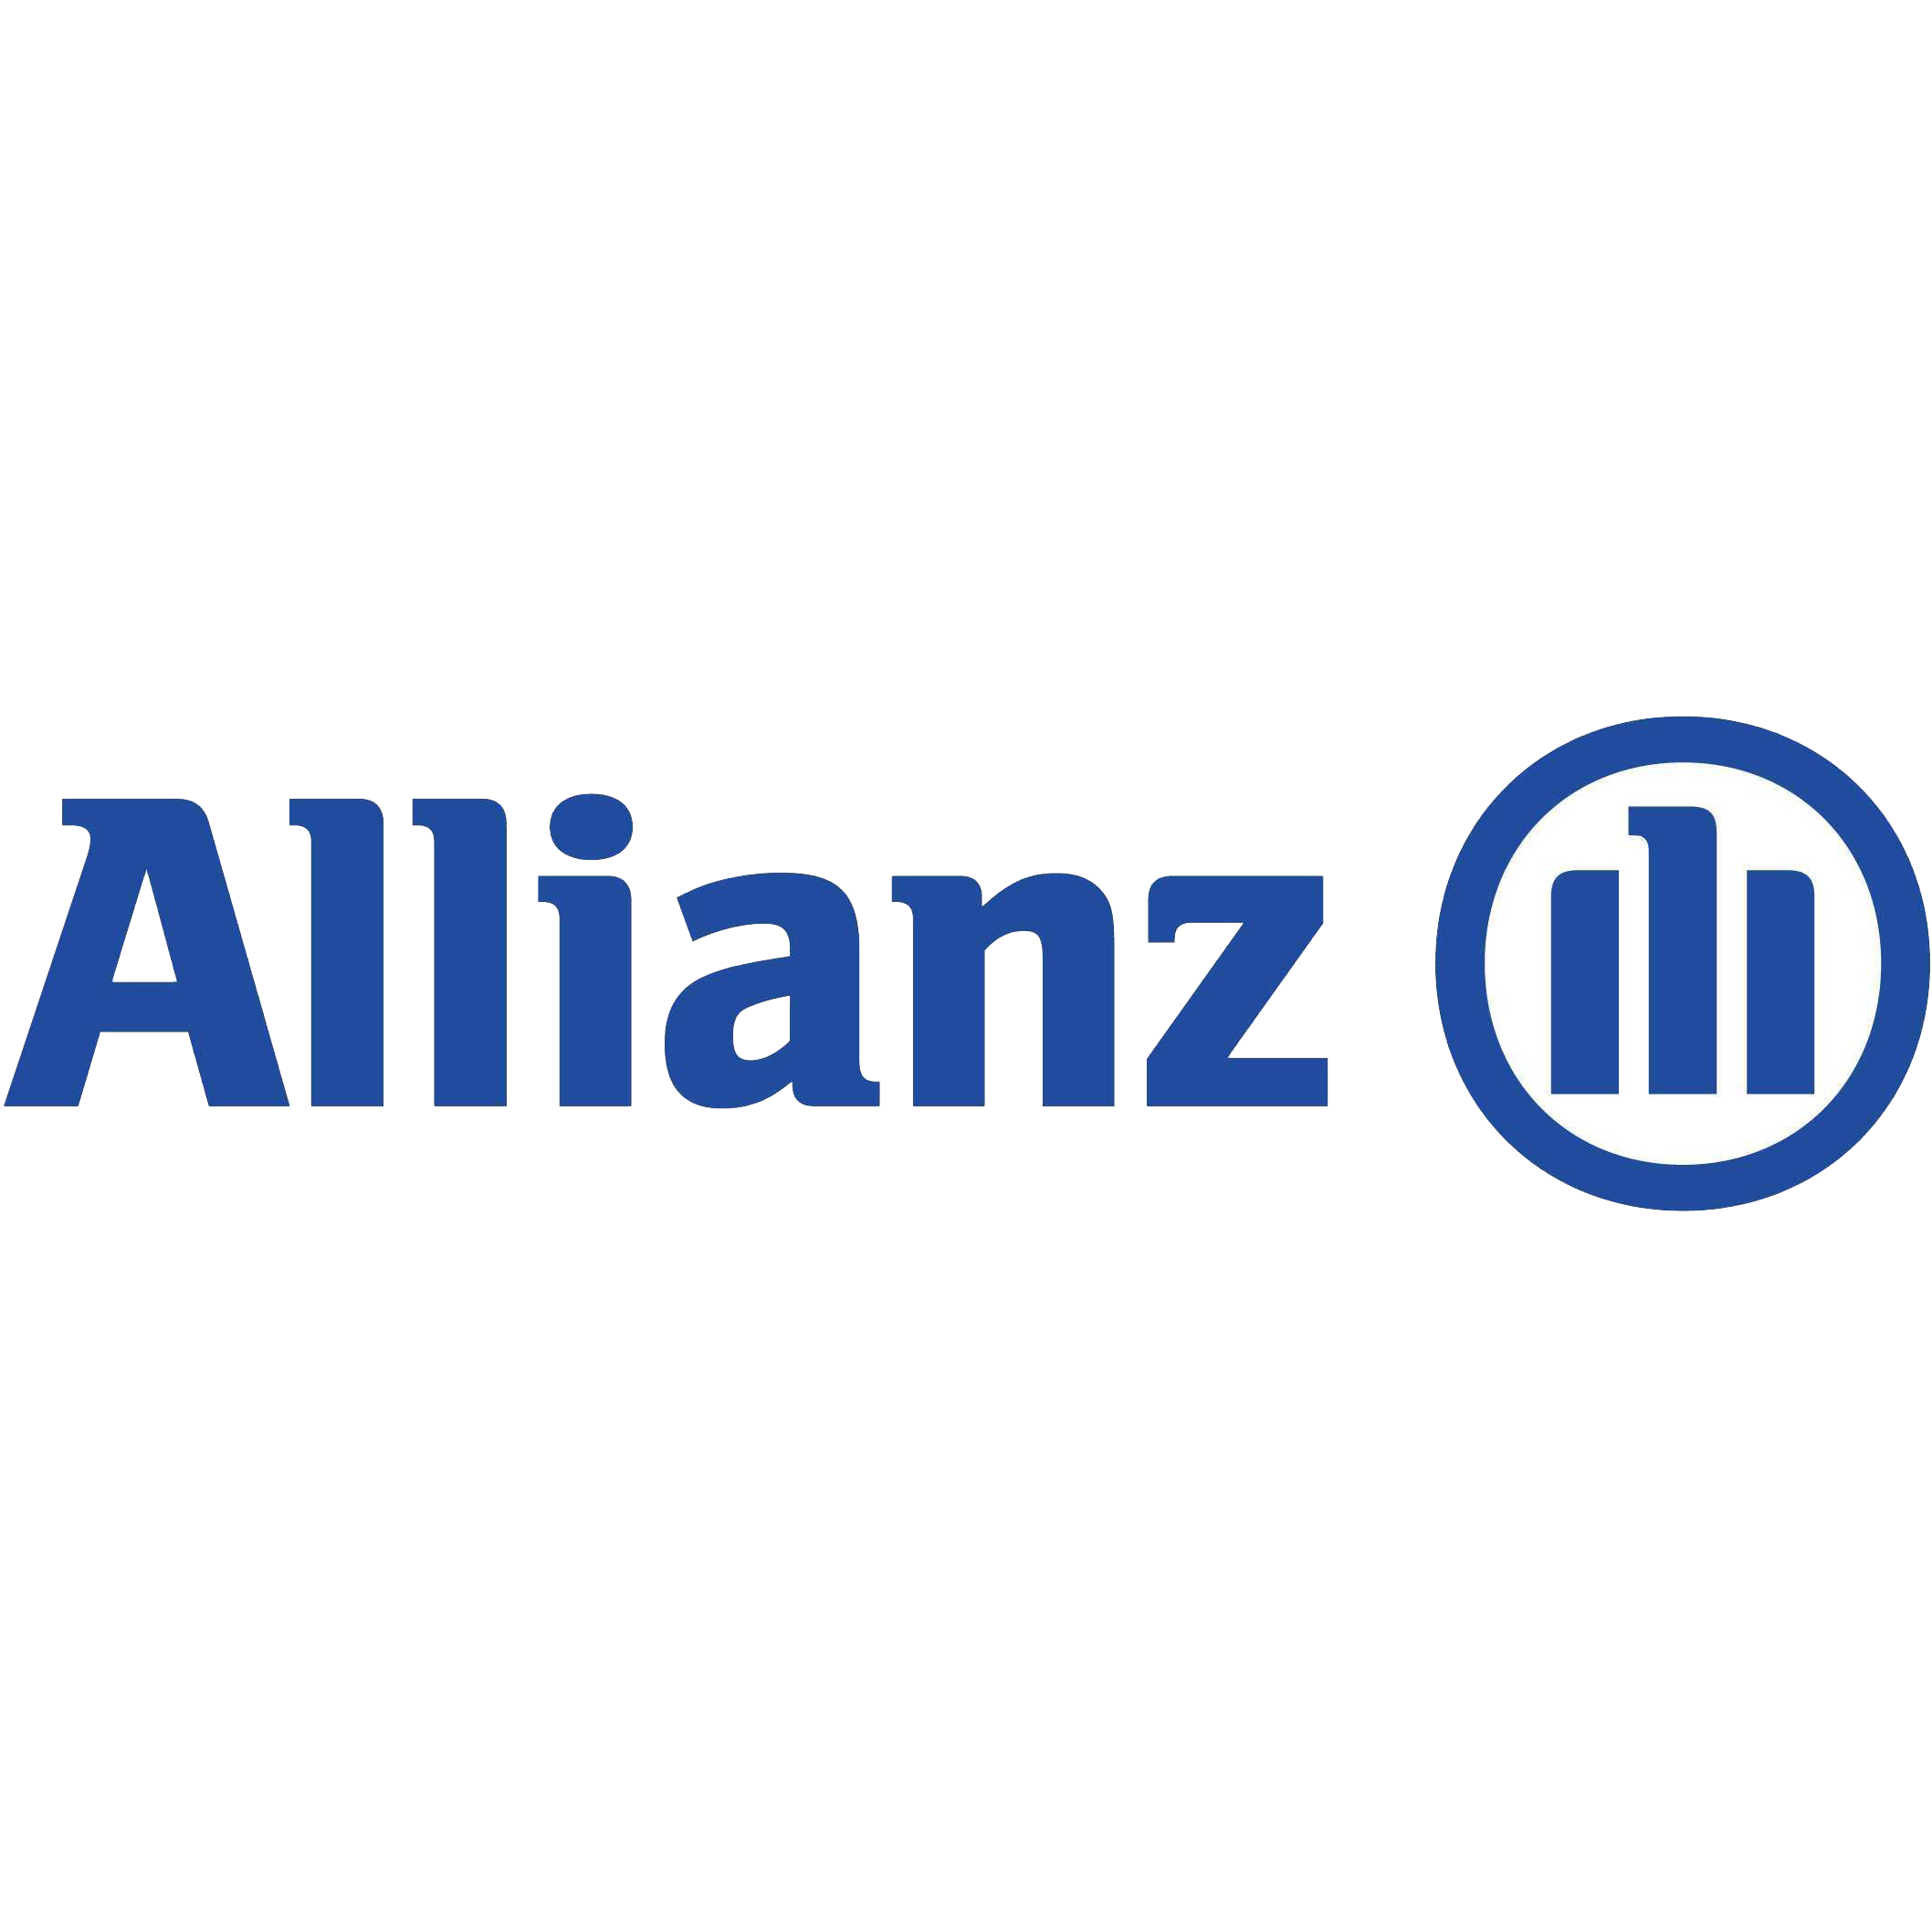 Allians-seguros-logo